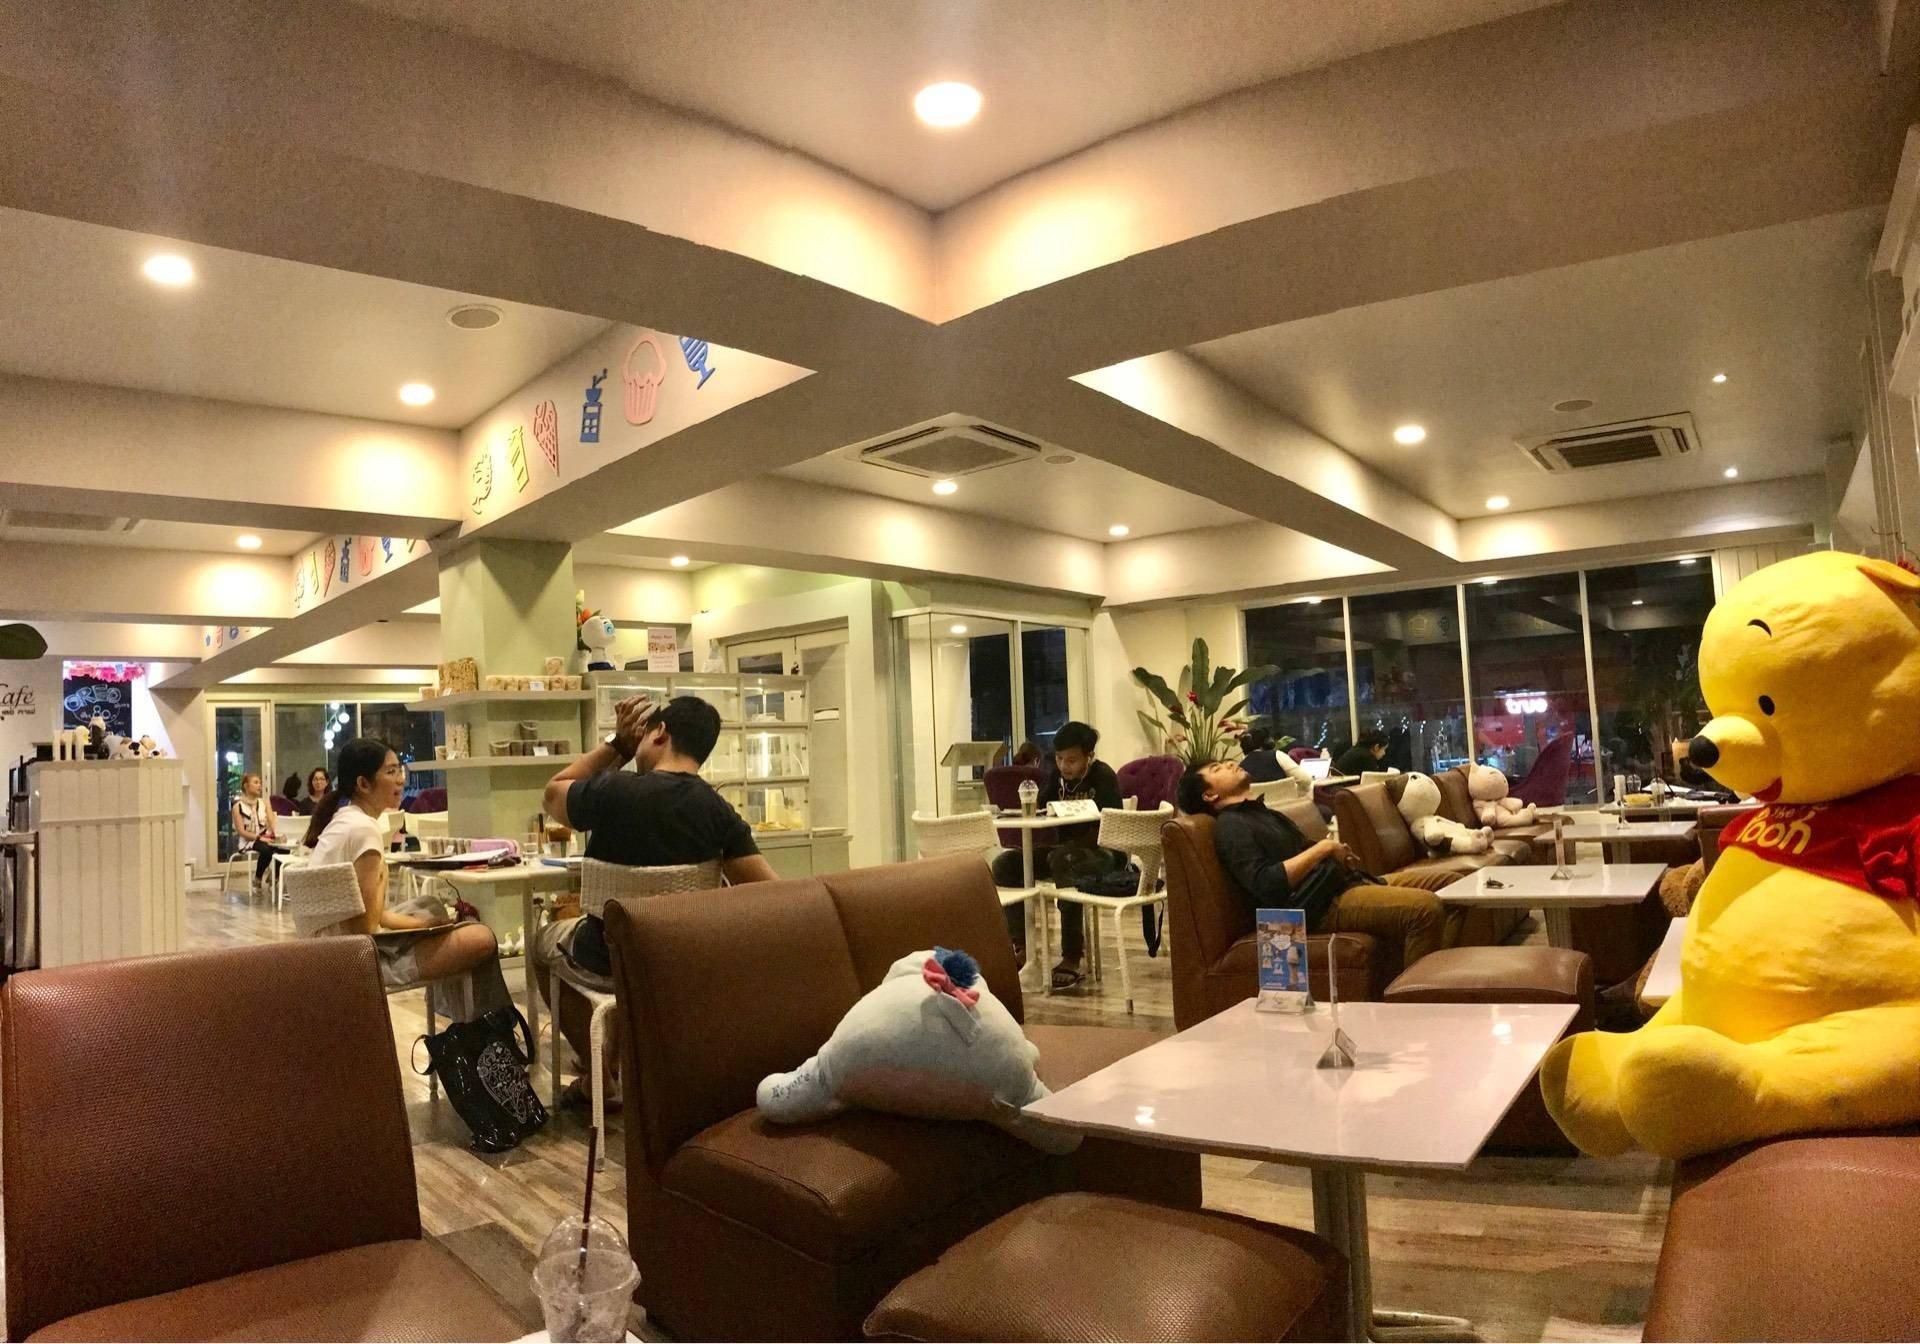 Le Cafe V WISH Hotel